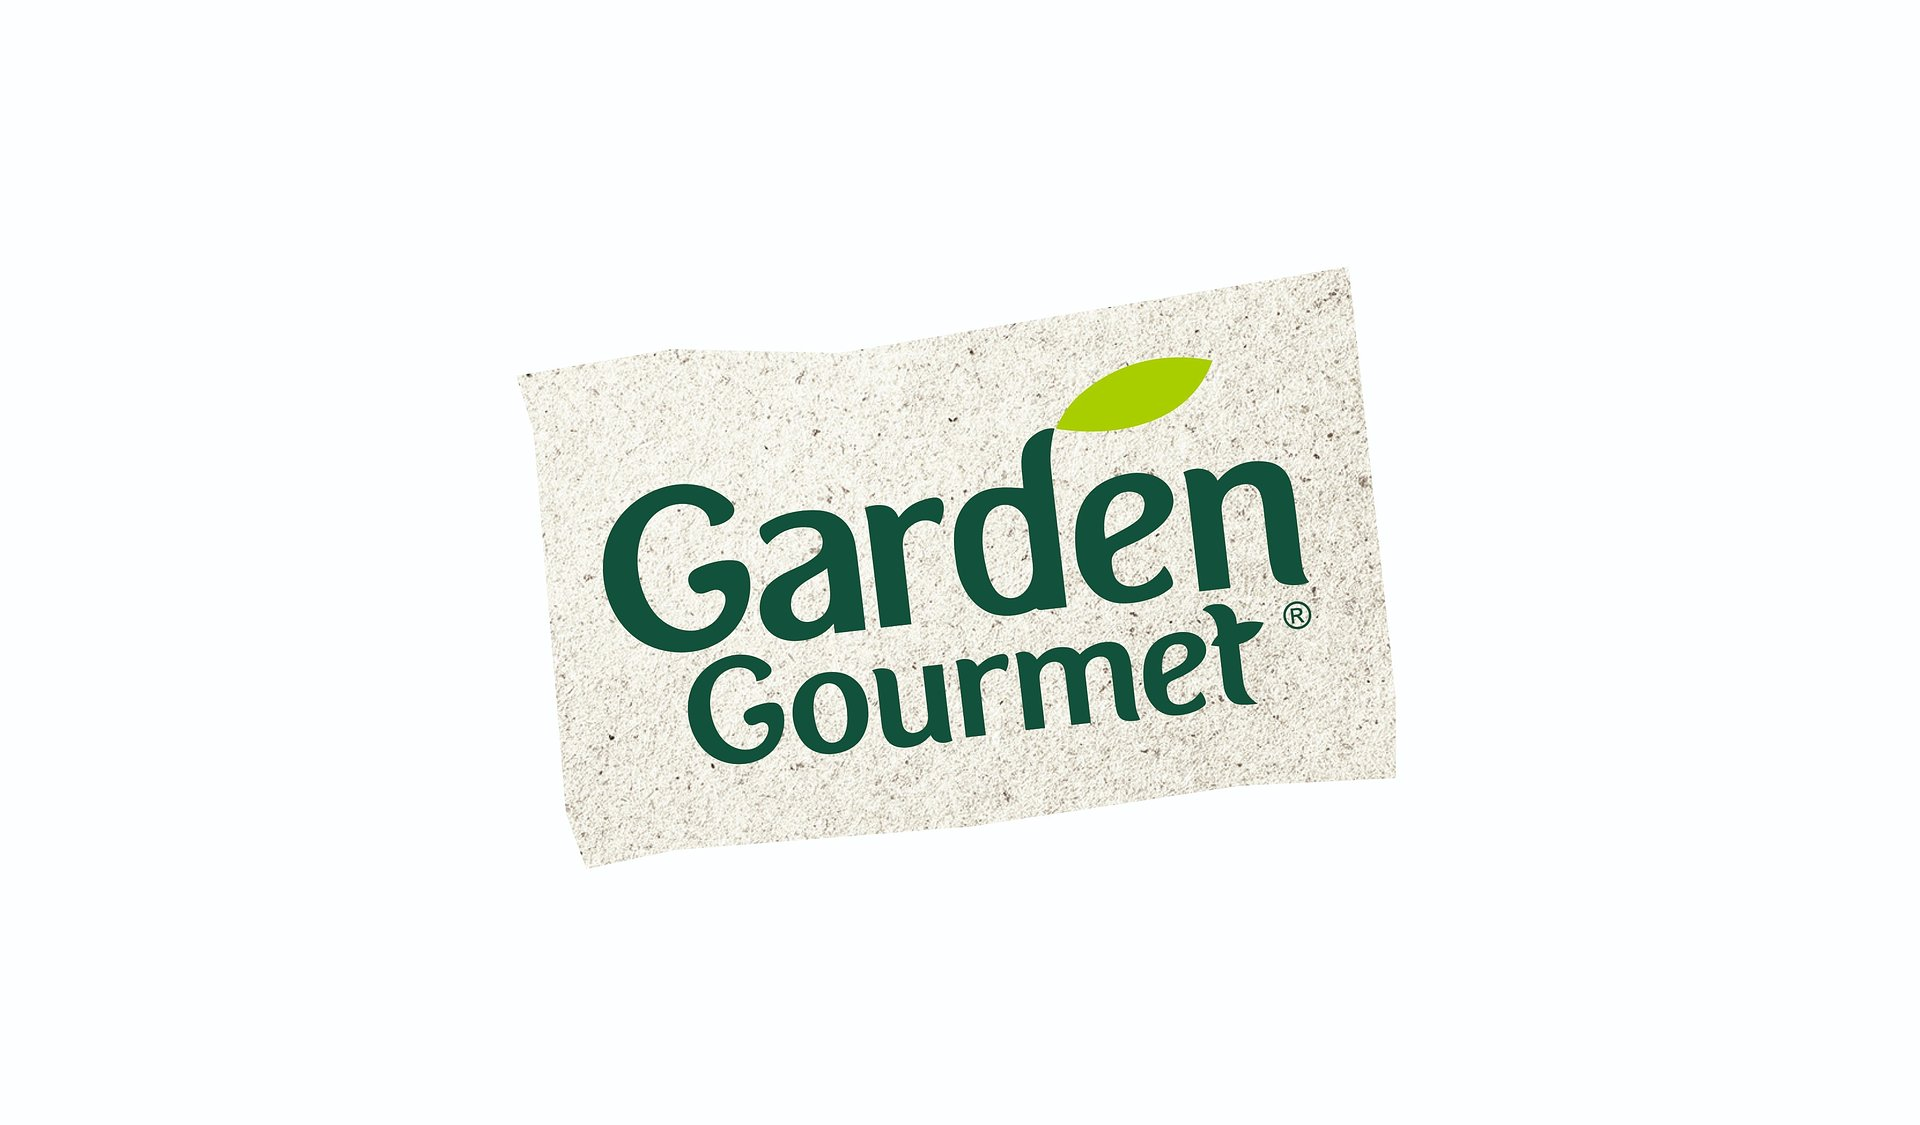 GARDEN GOURMET lança Sensational™ Mediterranean Pieces com delicioso sabor e textura